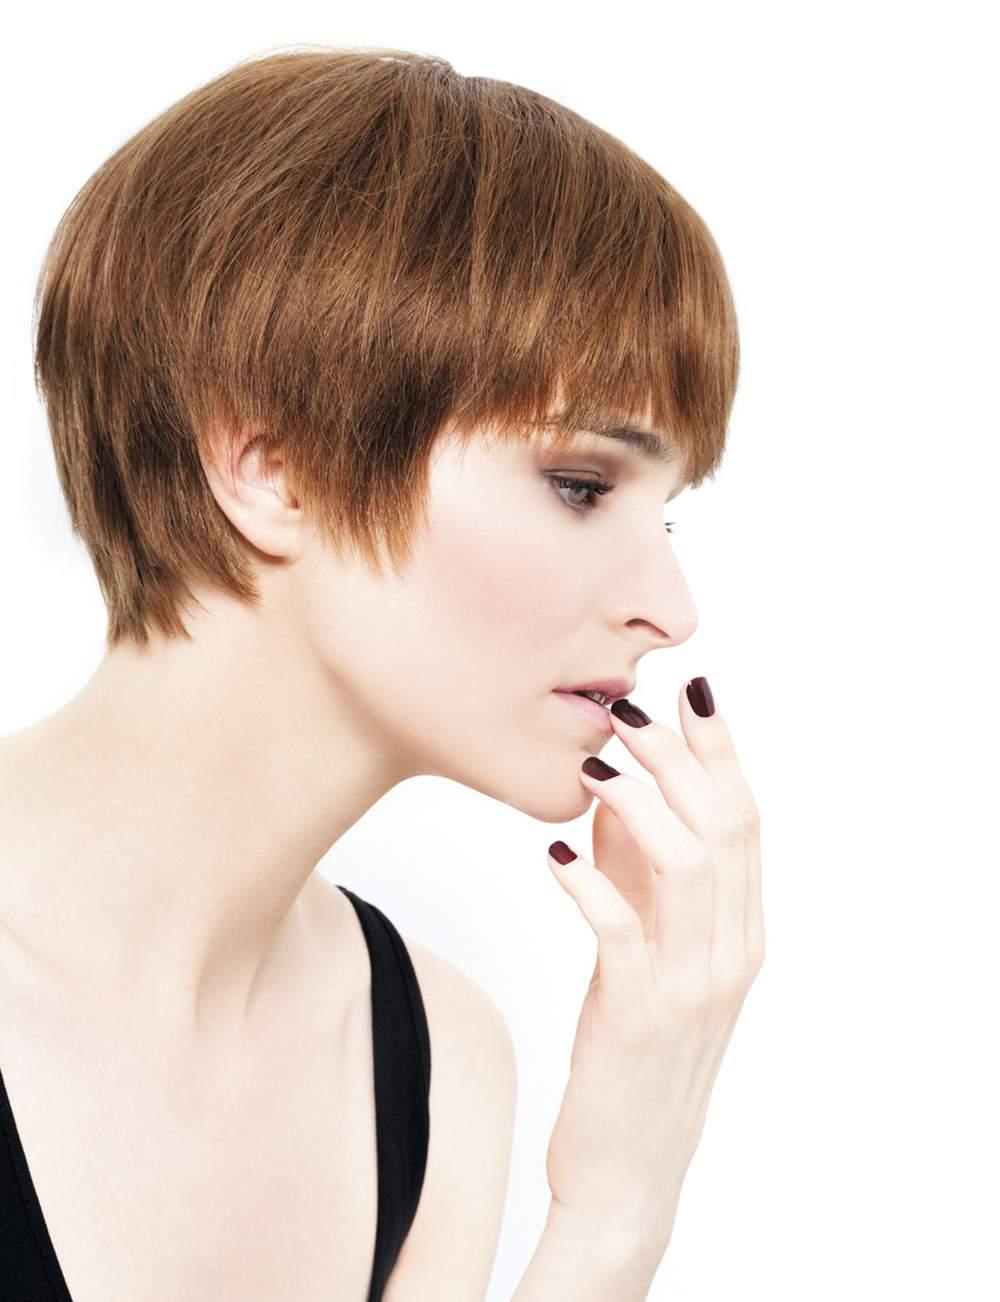 +20 meilleures idées de modele coiffure coupe boule femme - LiloBijoux - Bijoux Fantasie ...